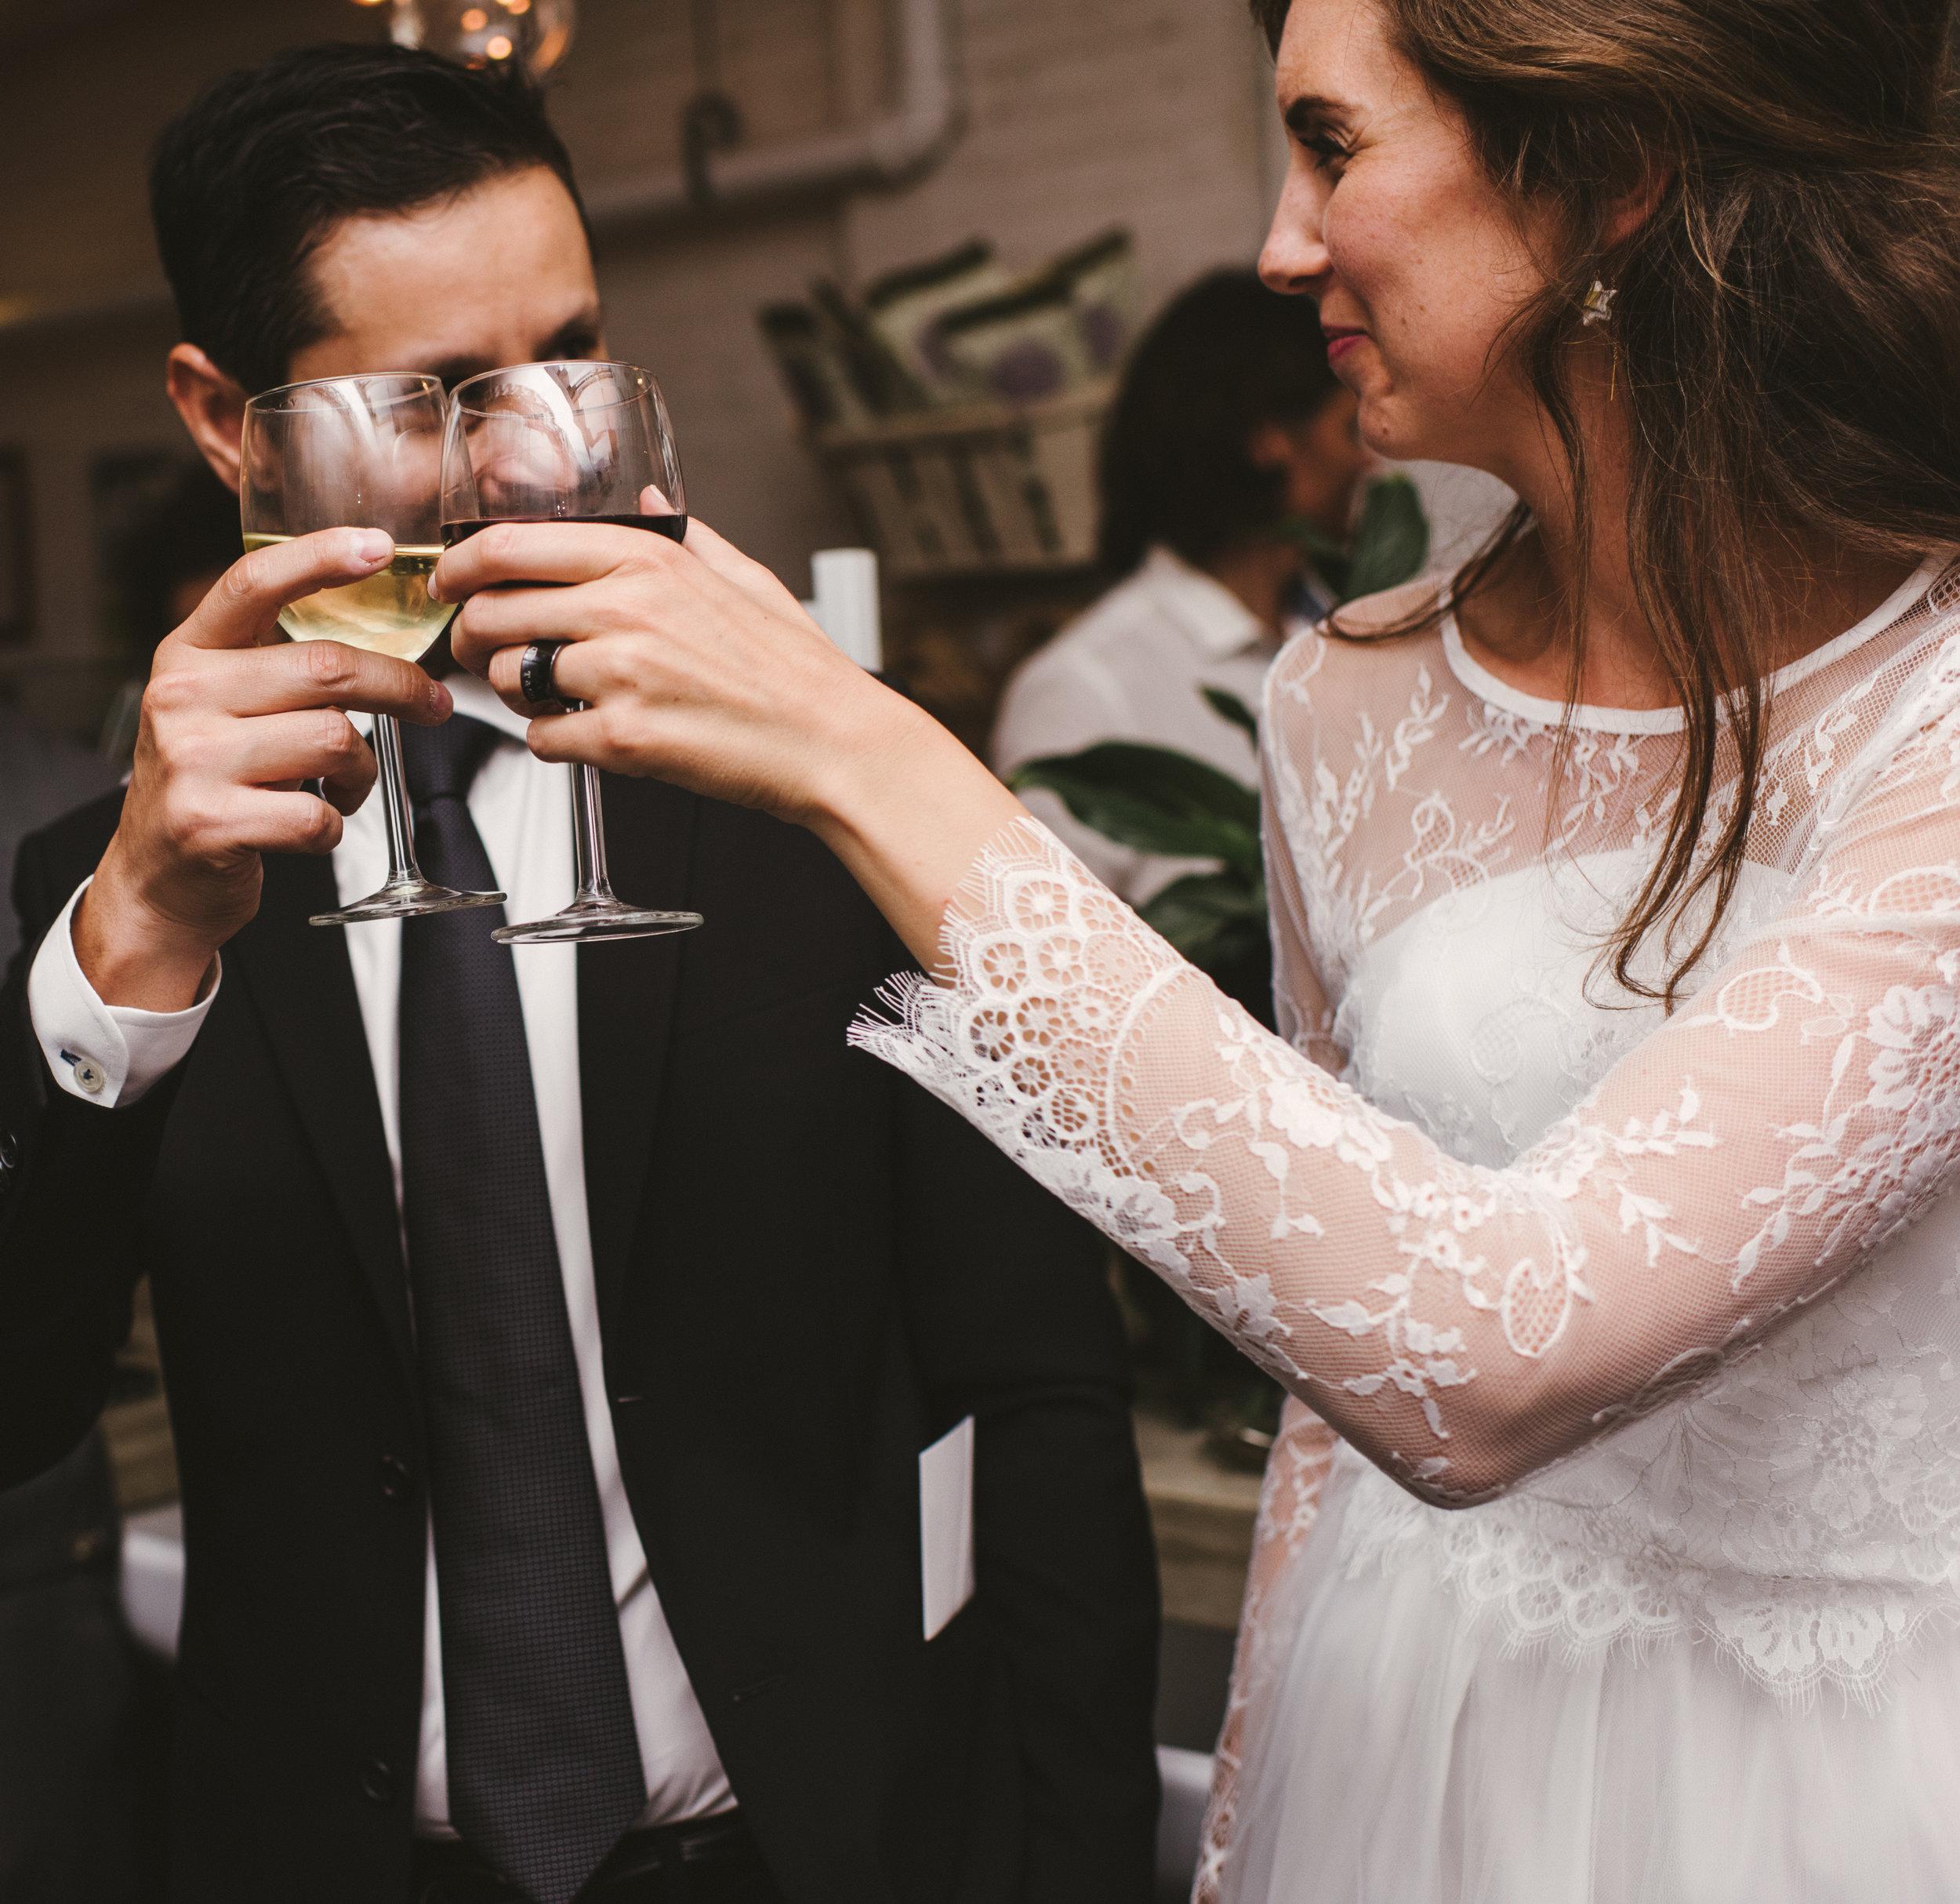 MADRIGAL WEDDING - TWOTWENTY by CHI-CHI AGBIM-8.jpg